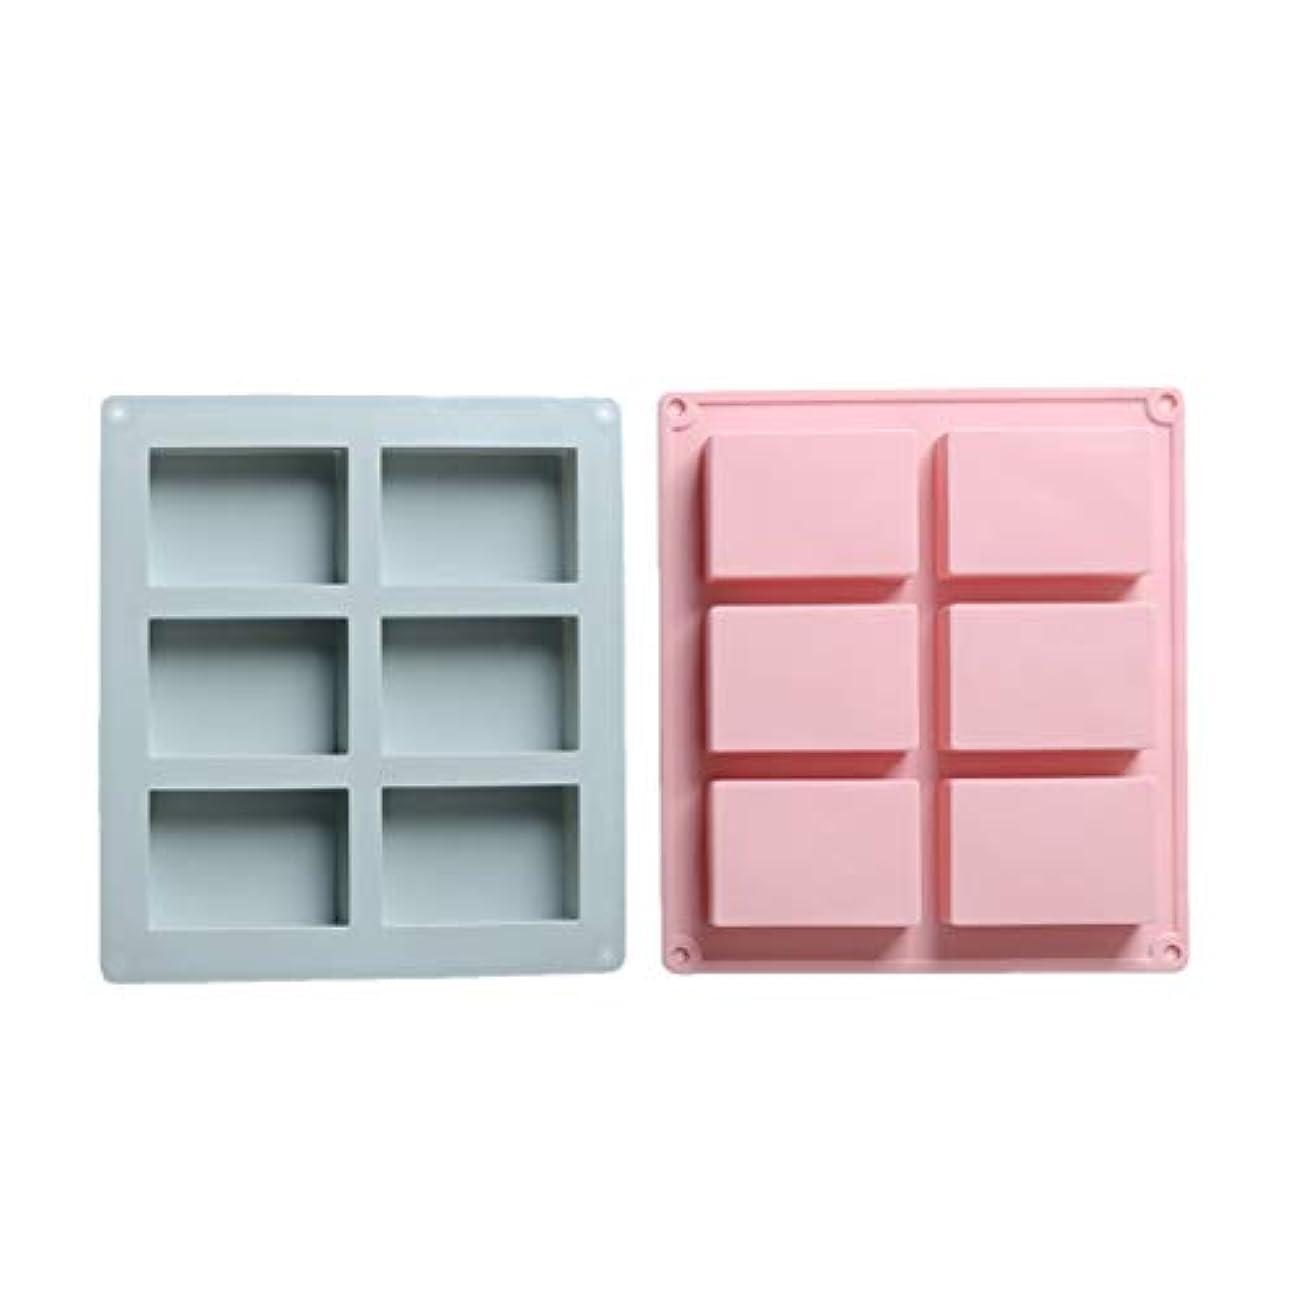 ネブ狂う地域SUPVOX シリコン長方形モールドソープチョコレートキャンドルとゼリーブラウン2個(青とピンク)を作るための6つのキャビティ